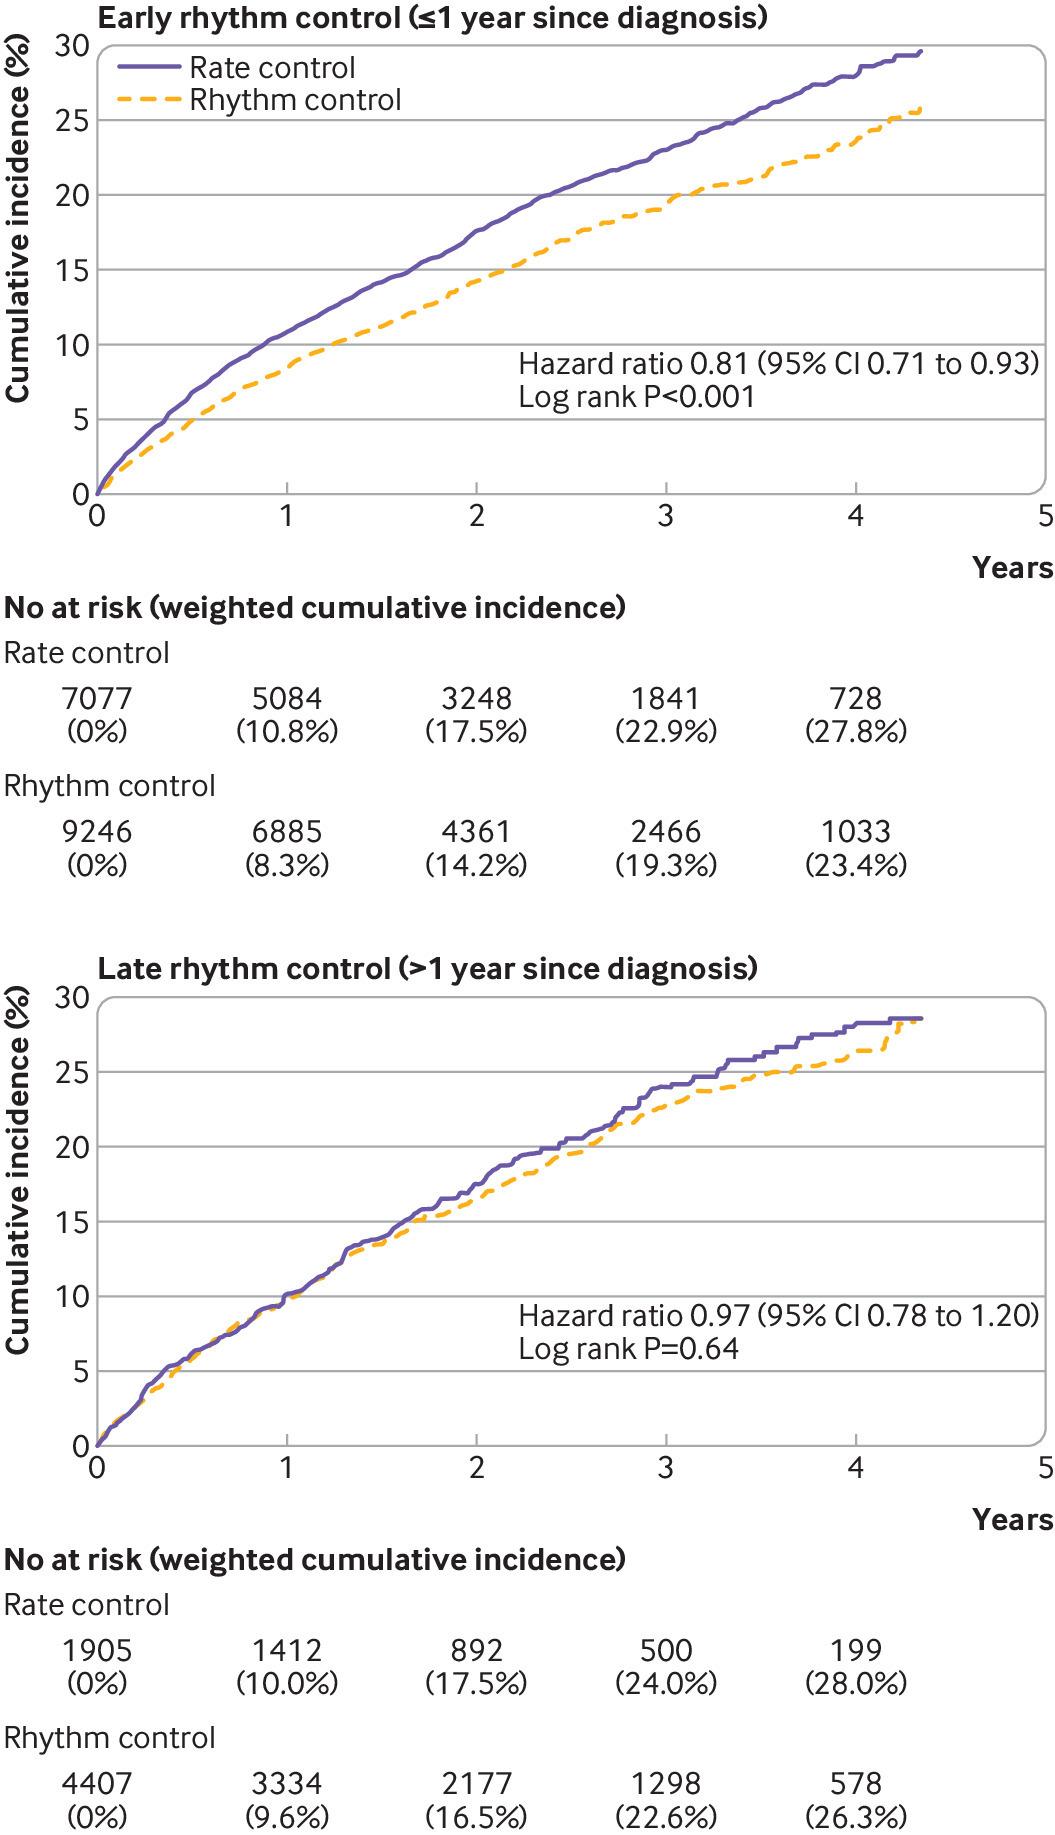 診断から1年以内の心房細動に対するリズムコントロールはレートコントロールより有用:BMJ観察研究_a0119856_07280621.jpg